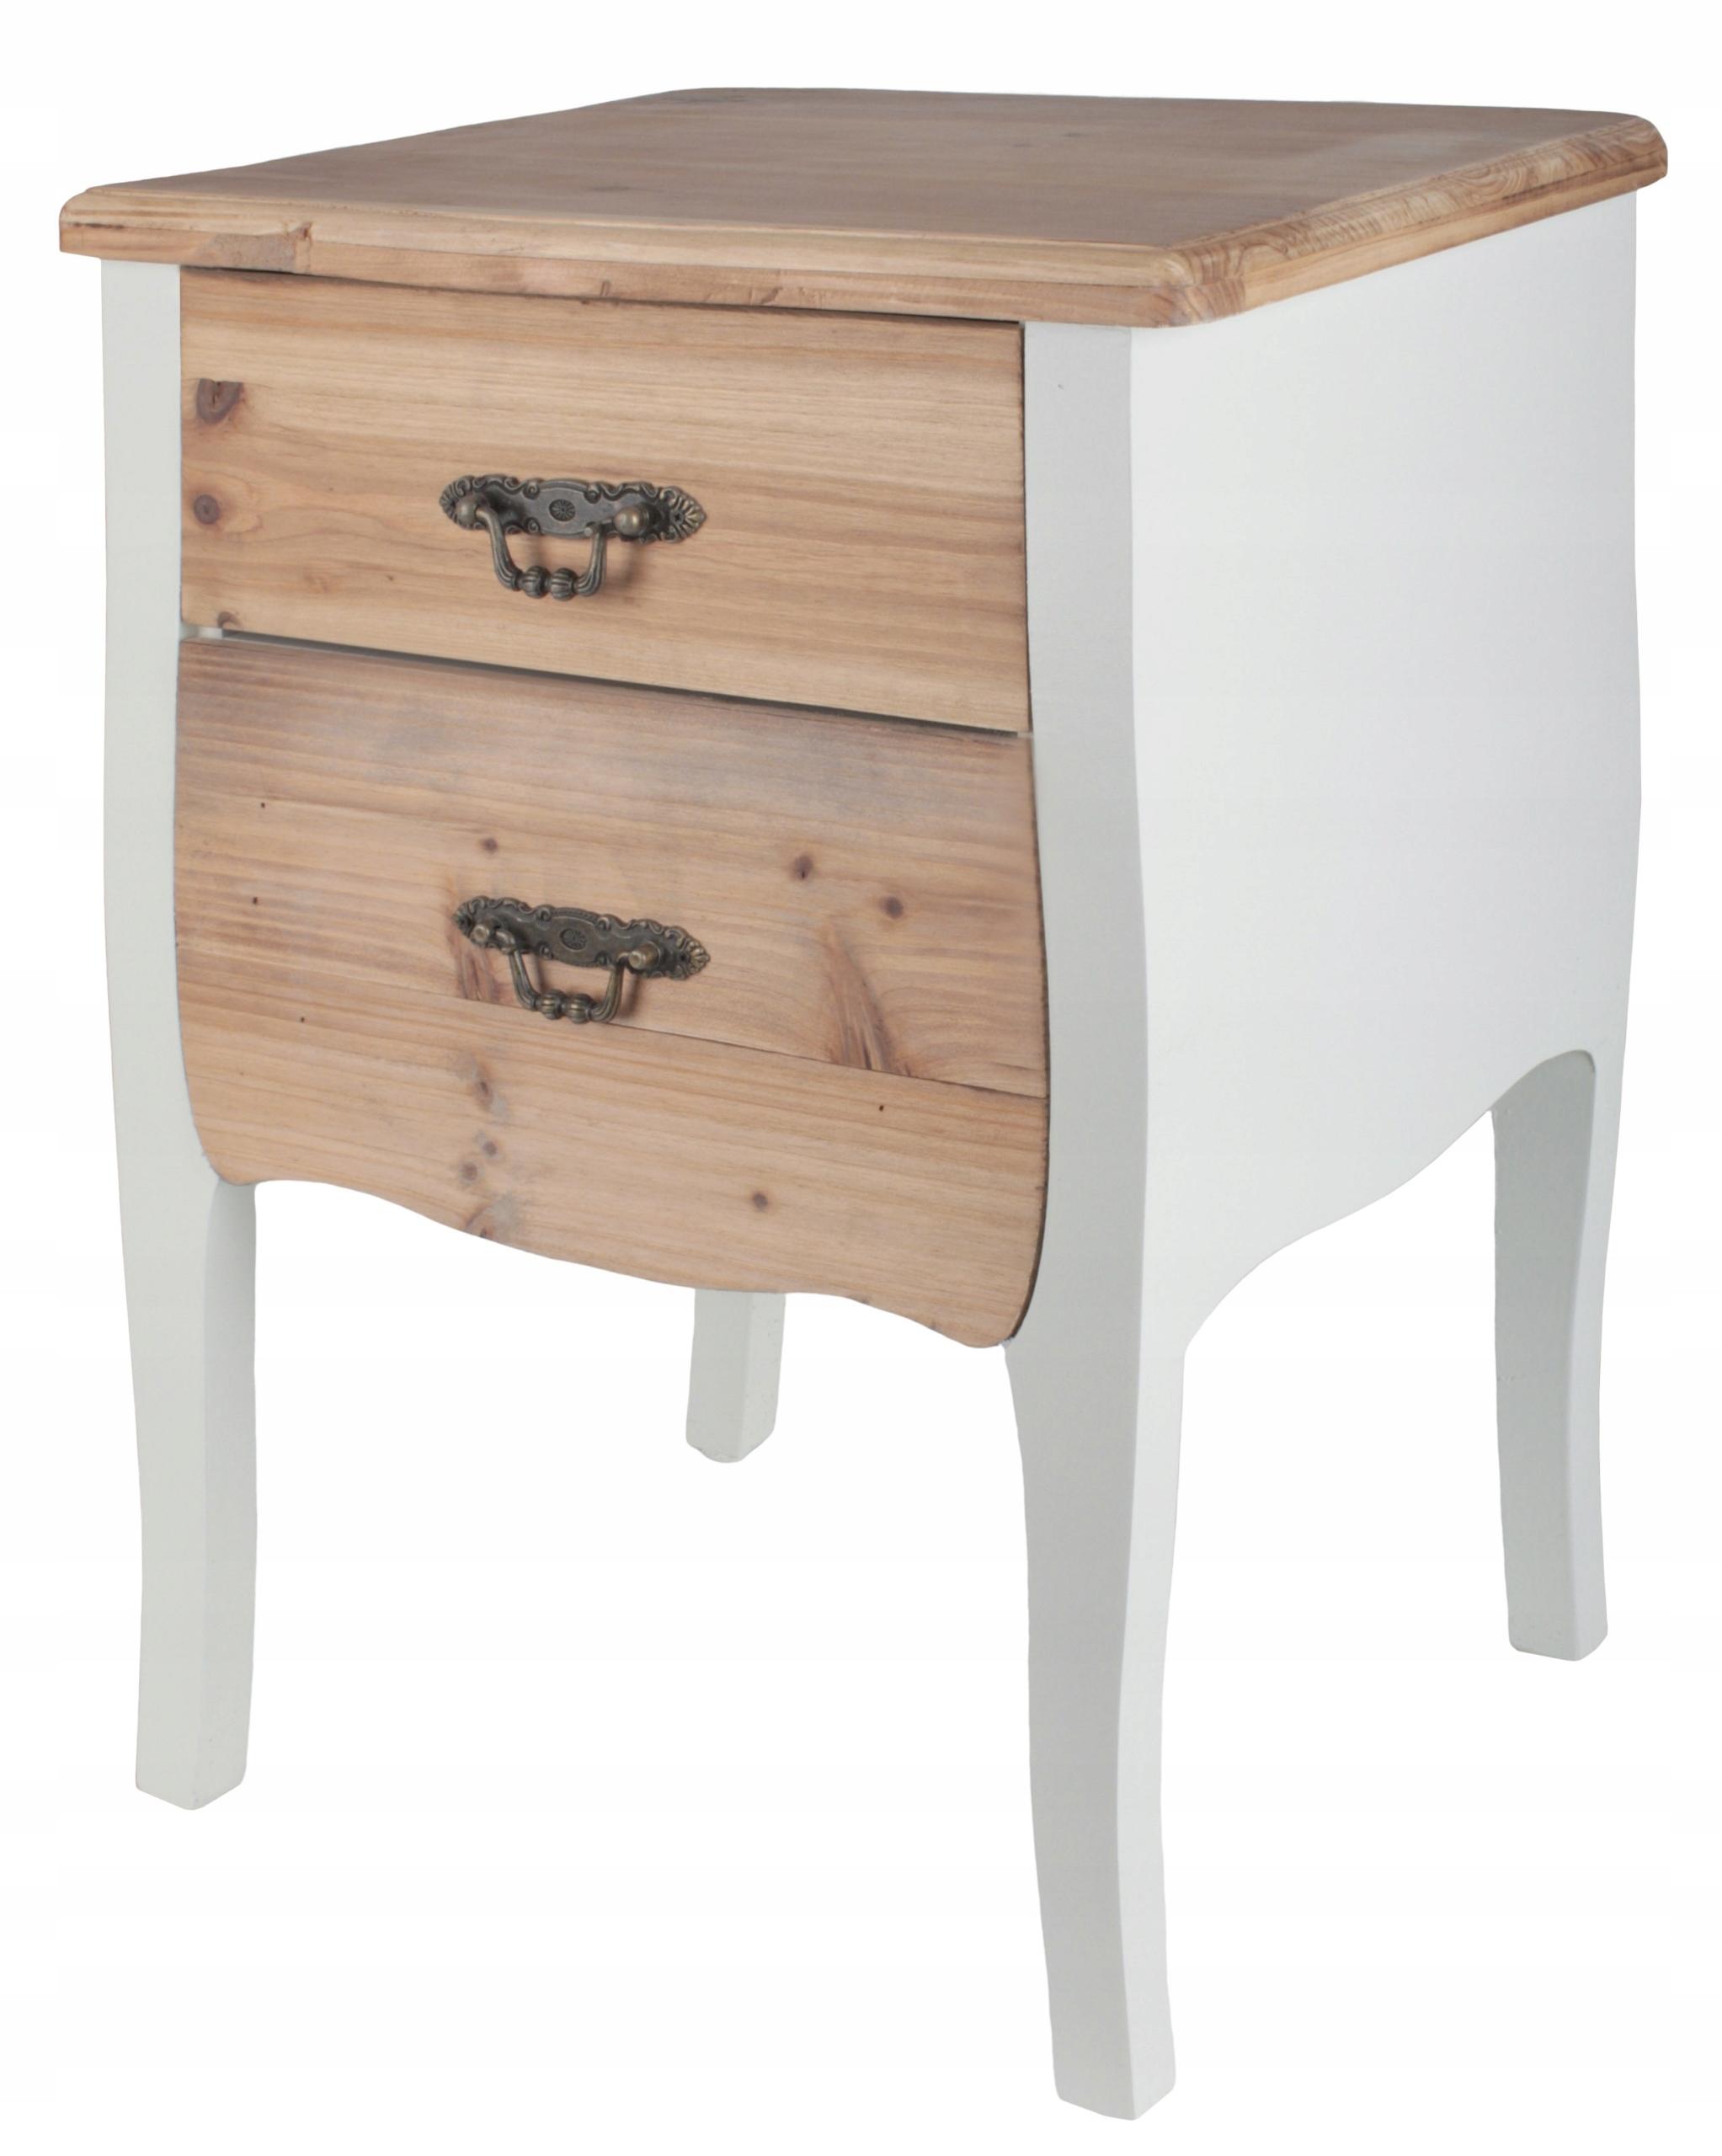 K12 BEDSIDE TABLE BEDSIDE TABLE CABINET RETRO VINTAGE